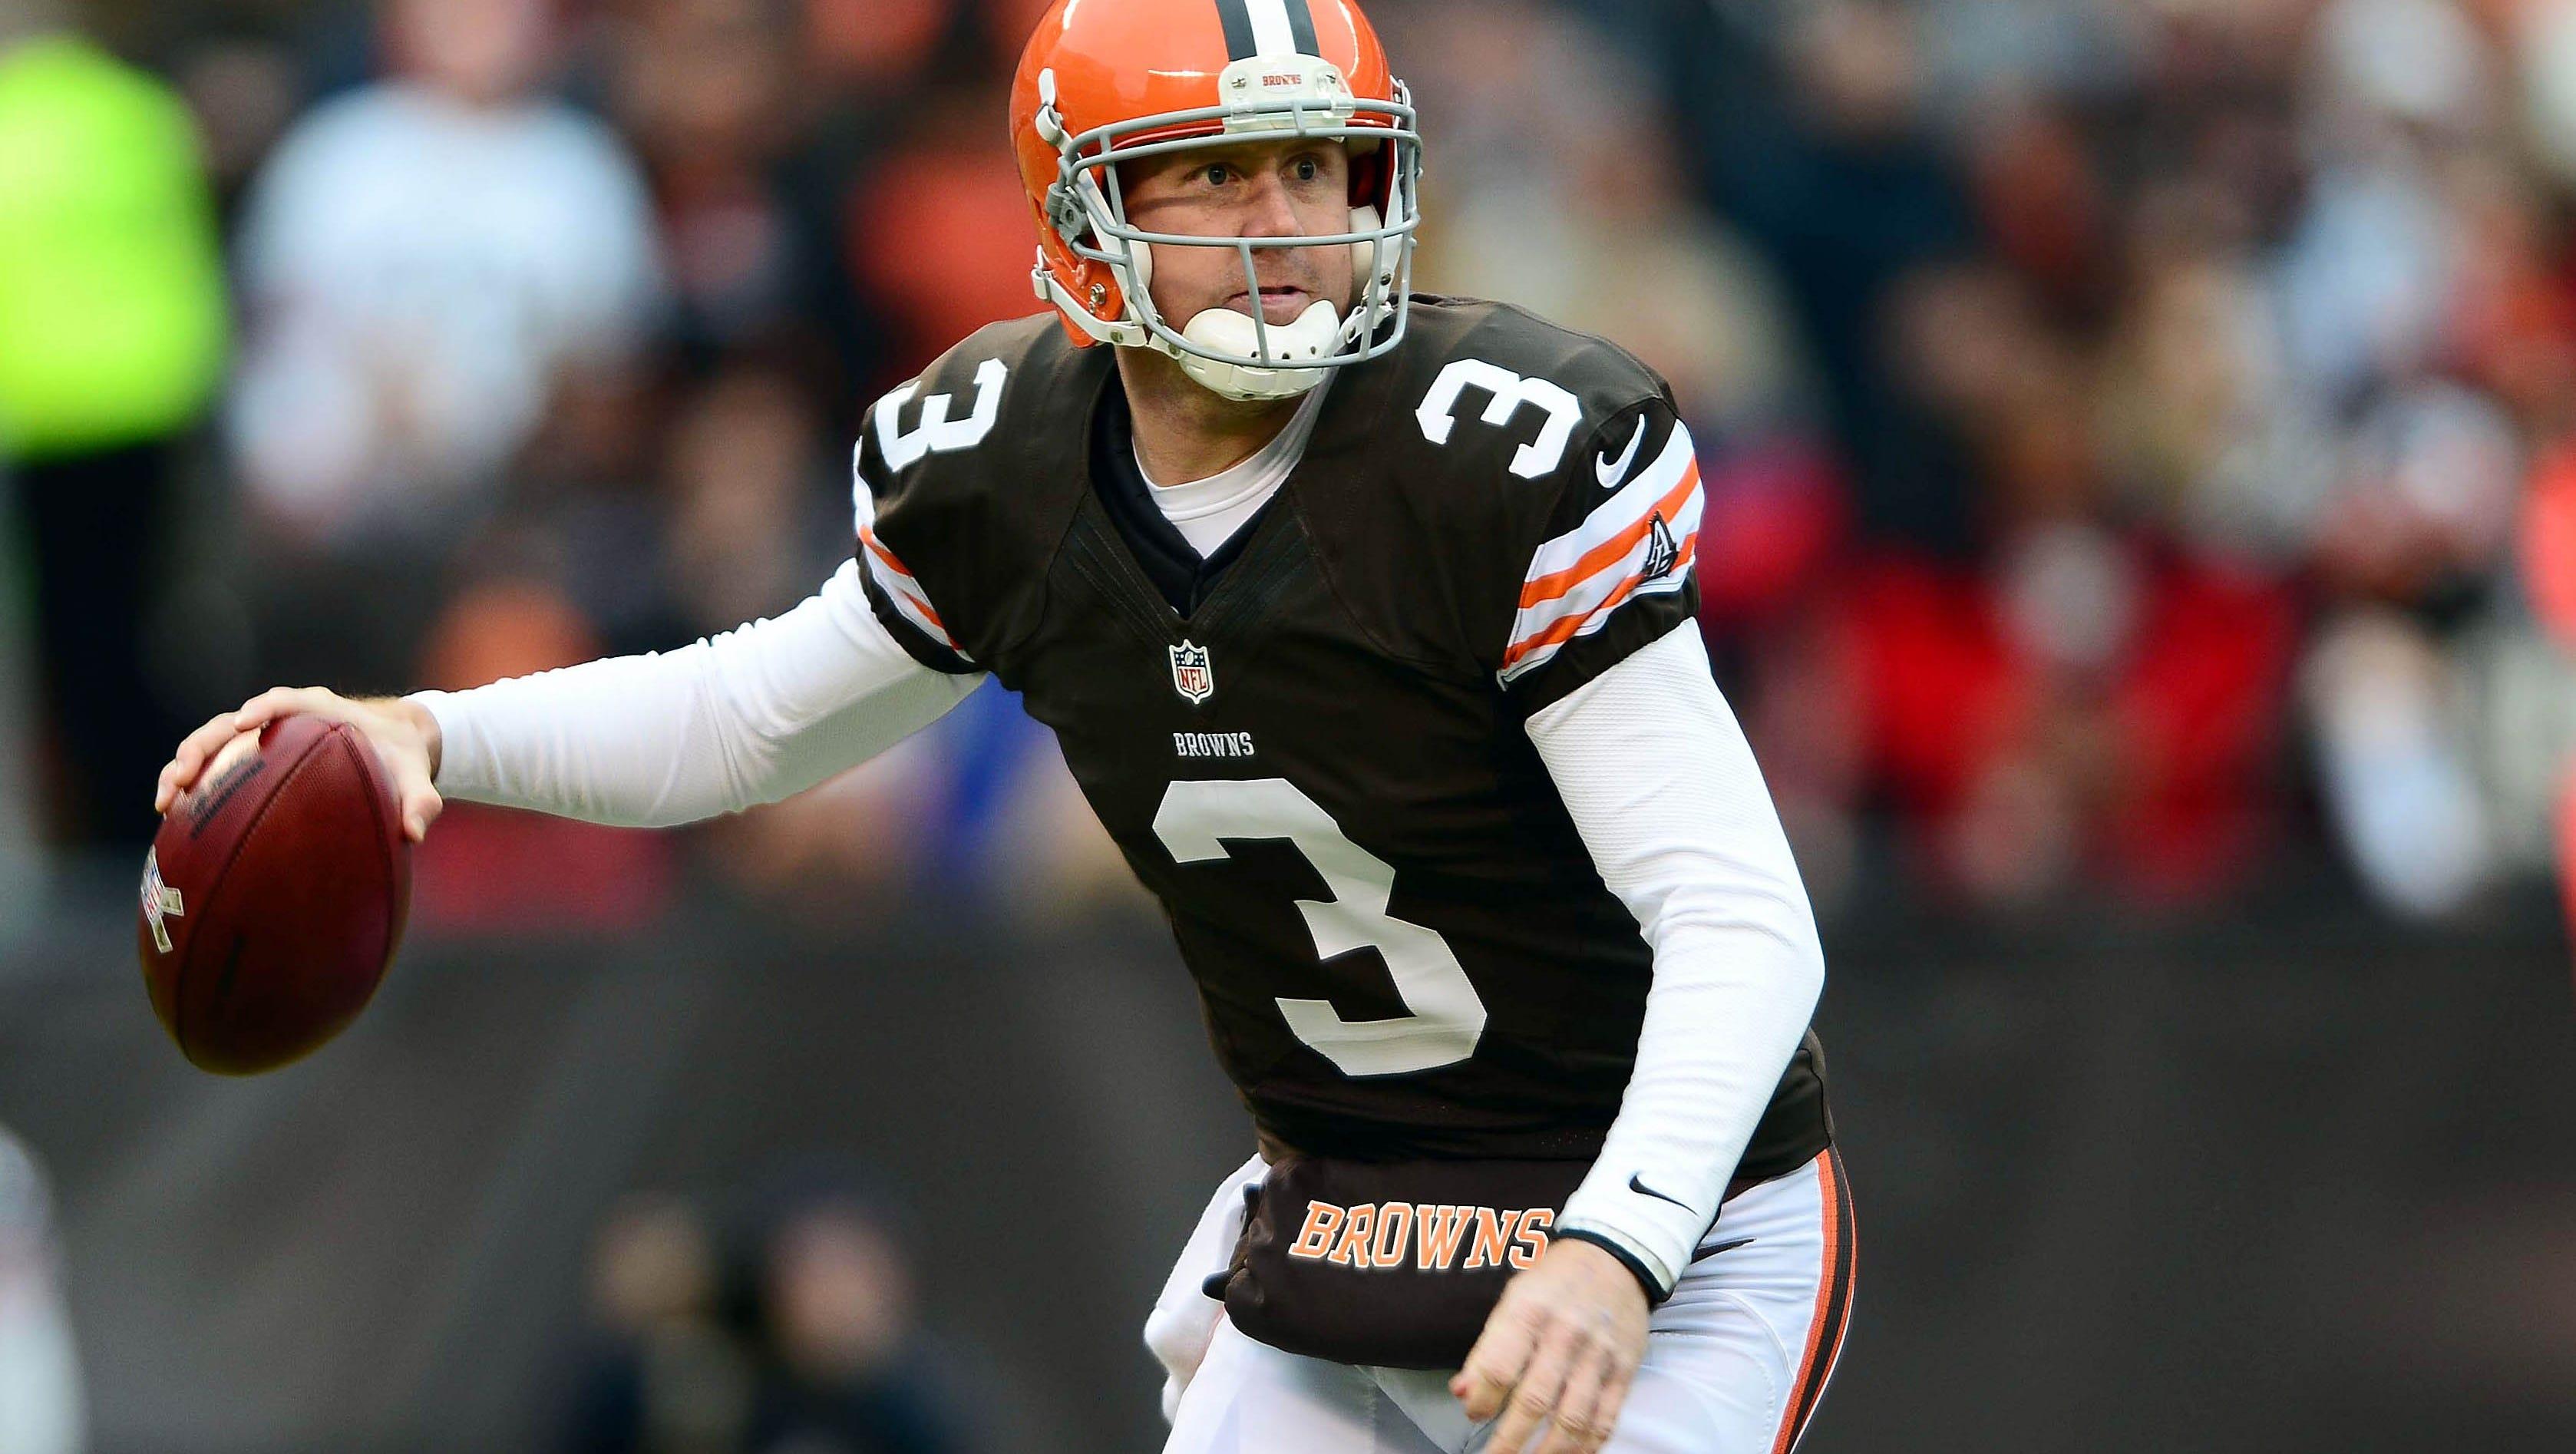 28. Brandon Weeden, Cleveland Browns